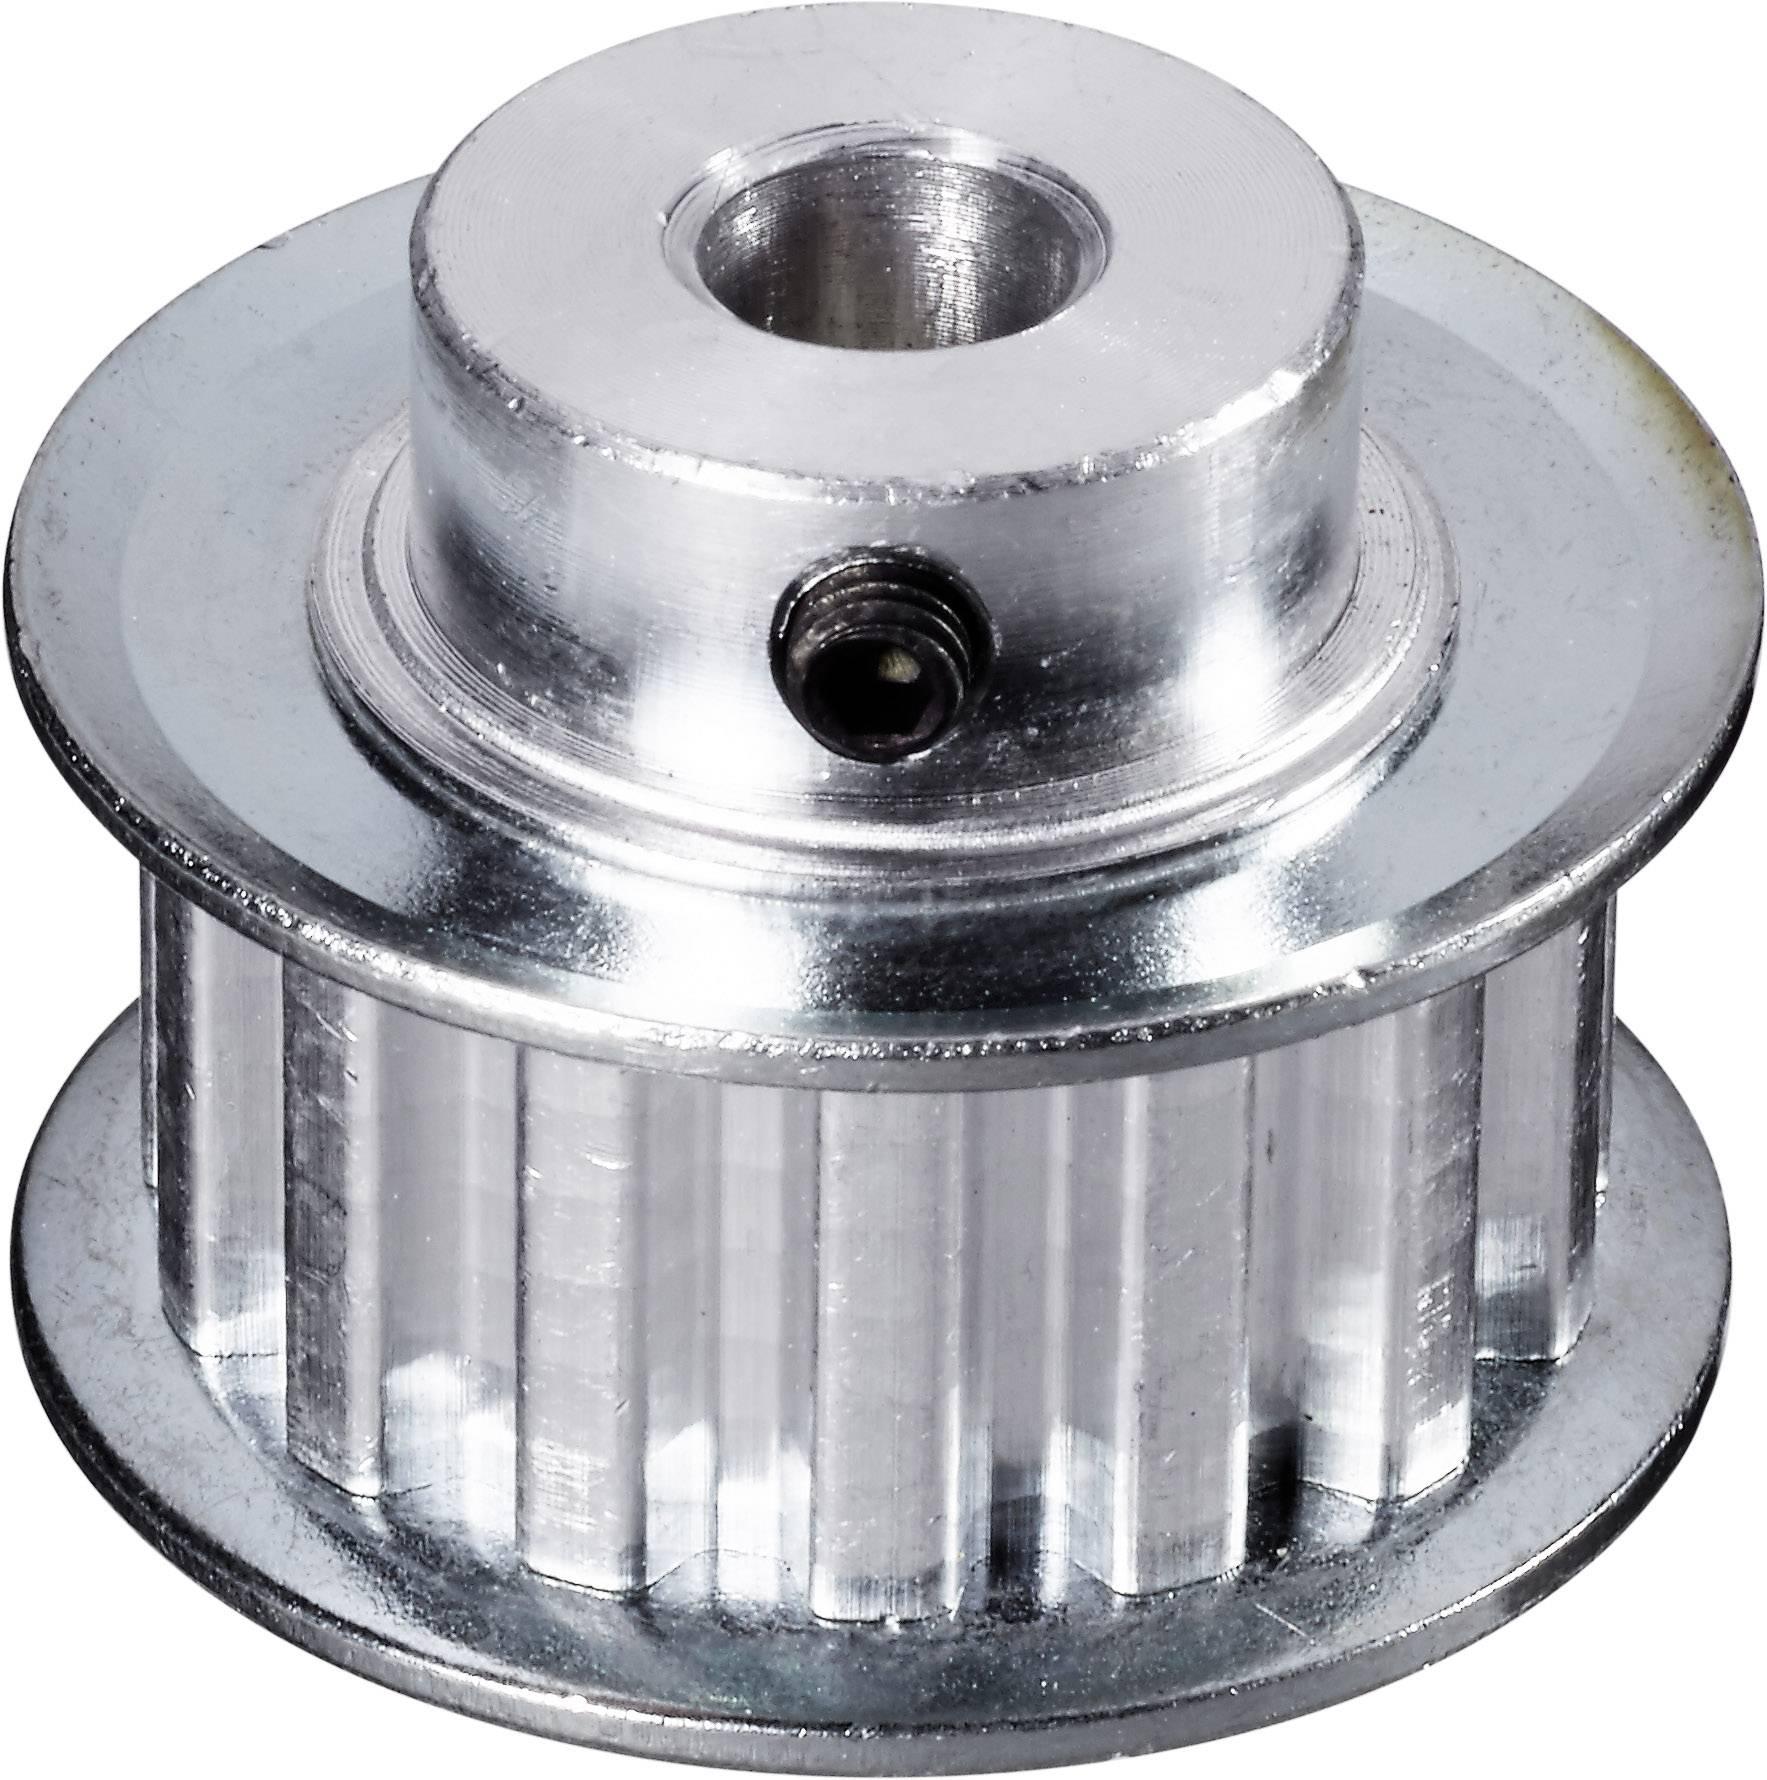 Ozubená řemenice hliníková Modelcraft, 40 zubů (8 mm)